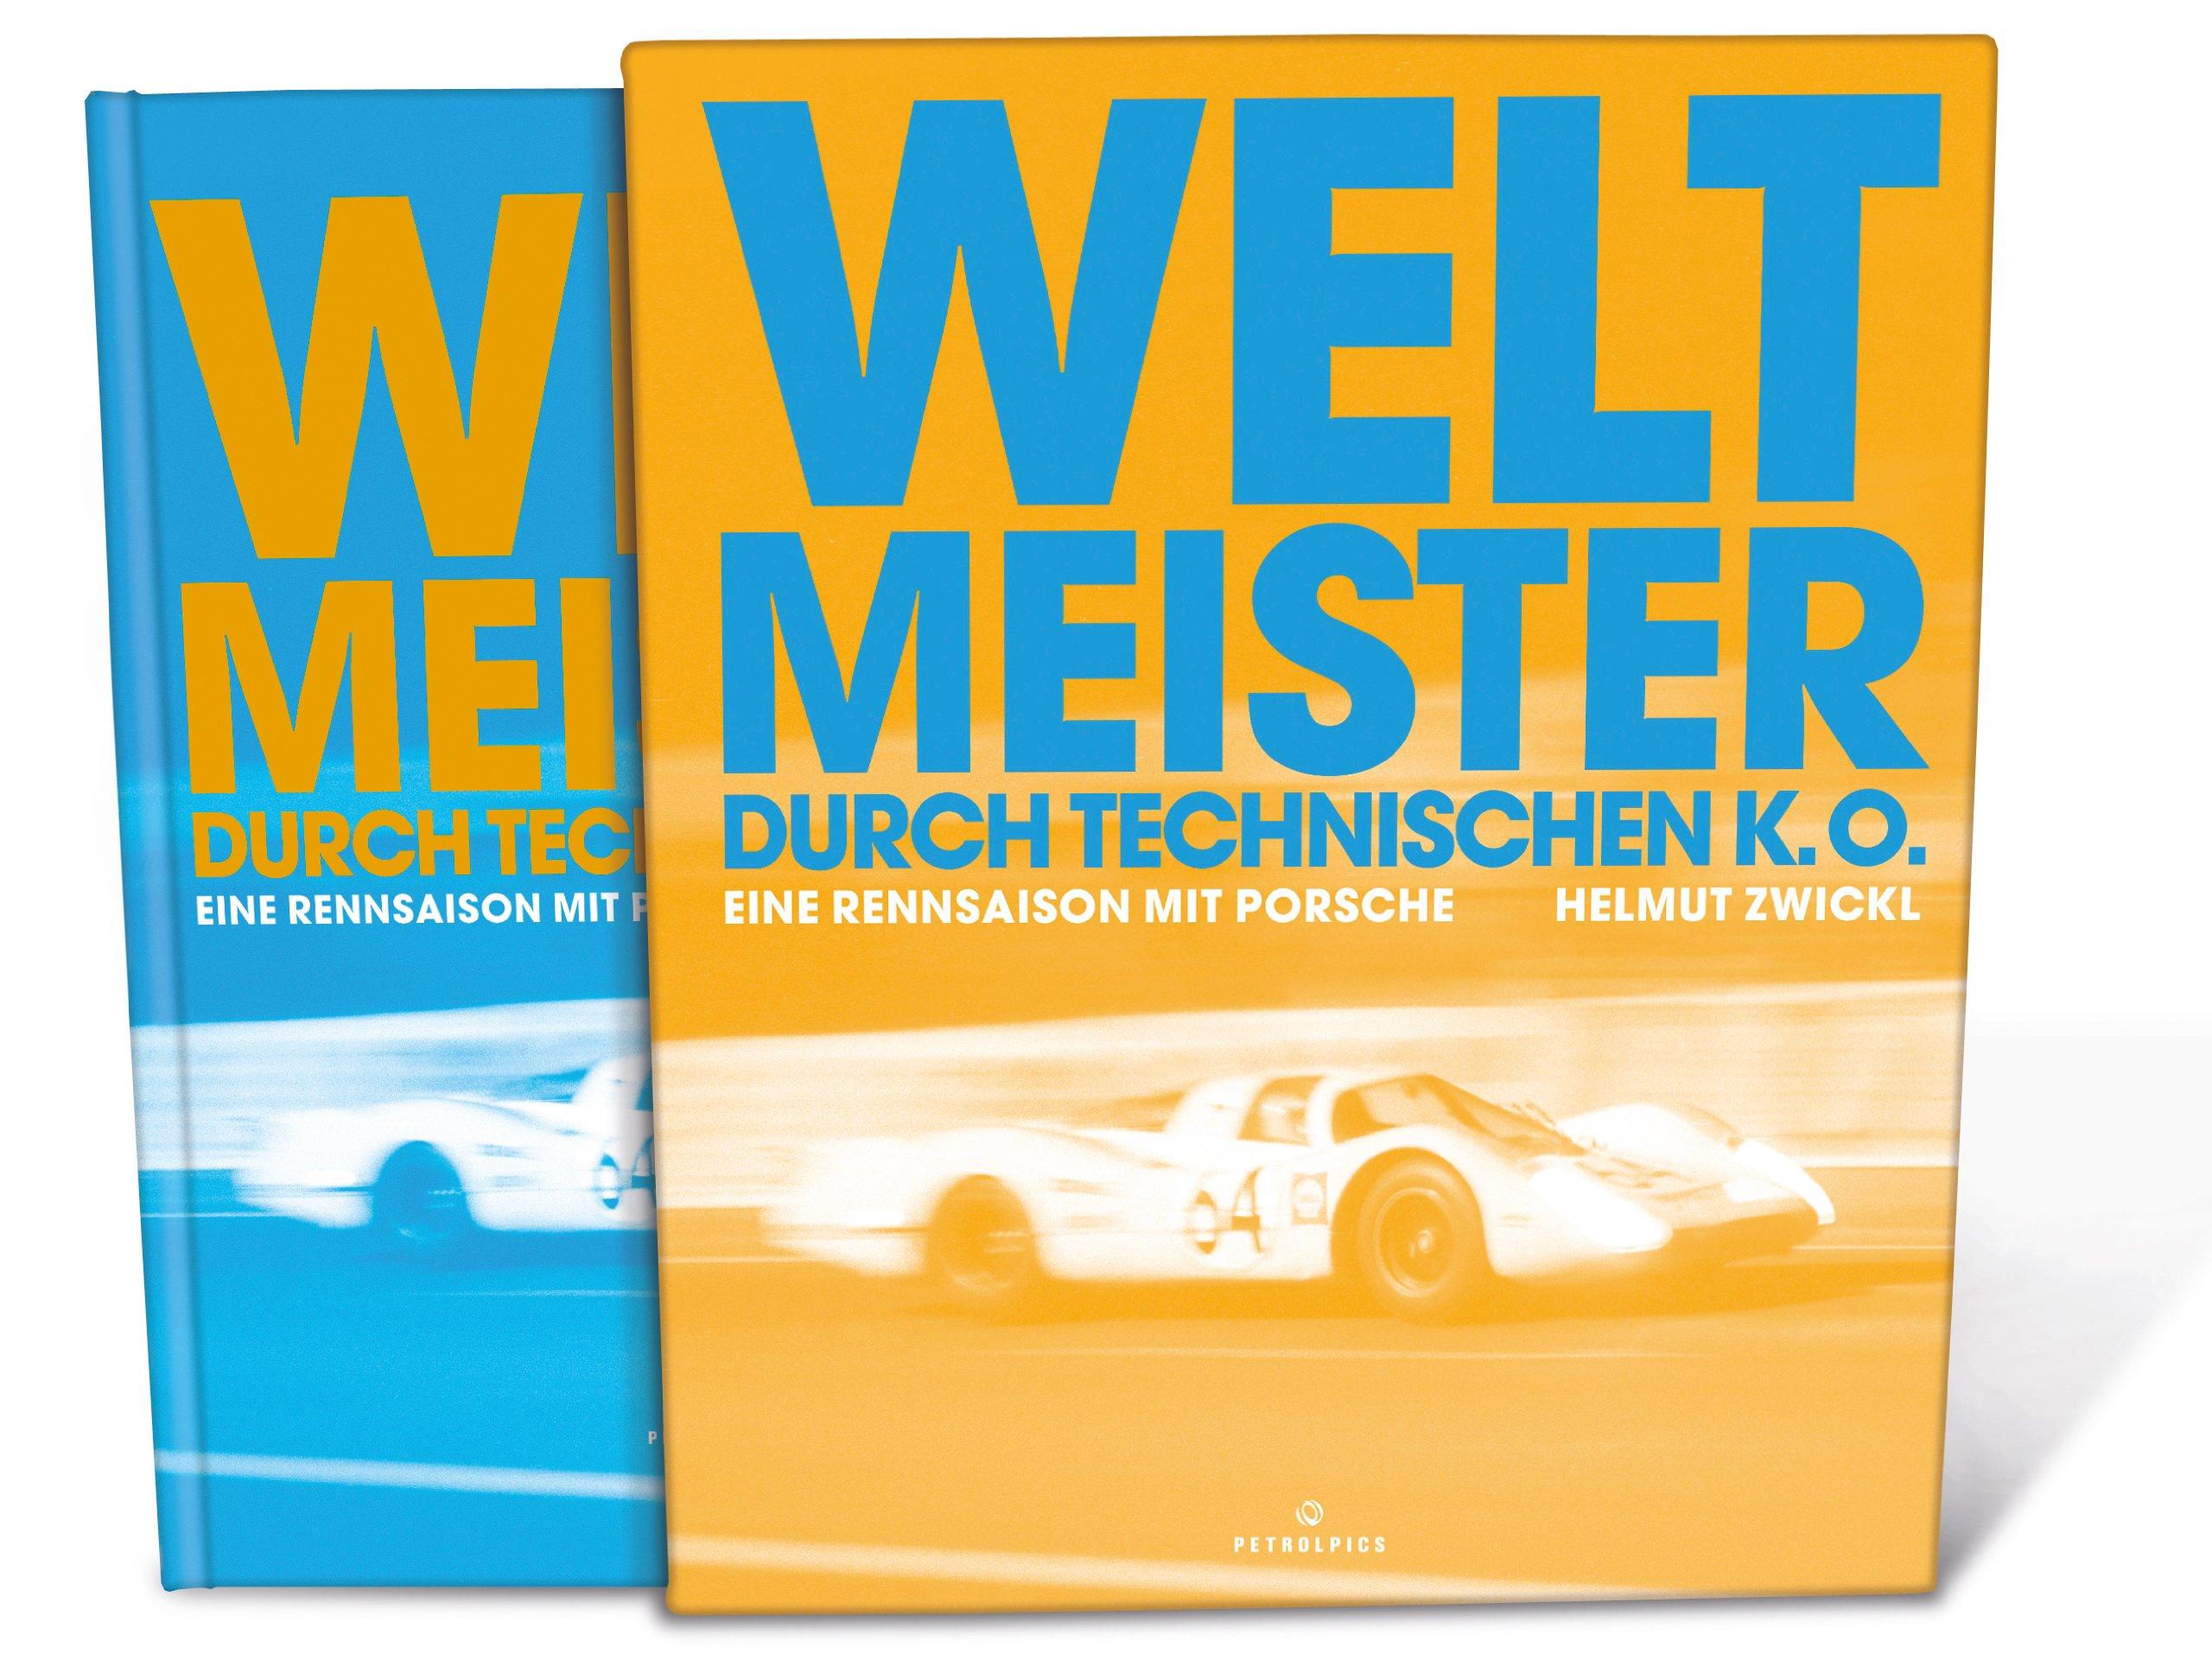 Weltmeister durch technischen K.O.: 1969 - eine Rennsaison mit Porsche